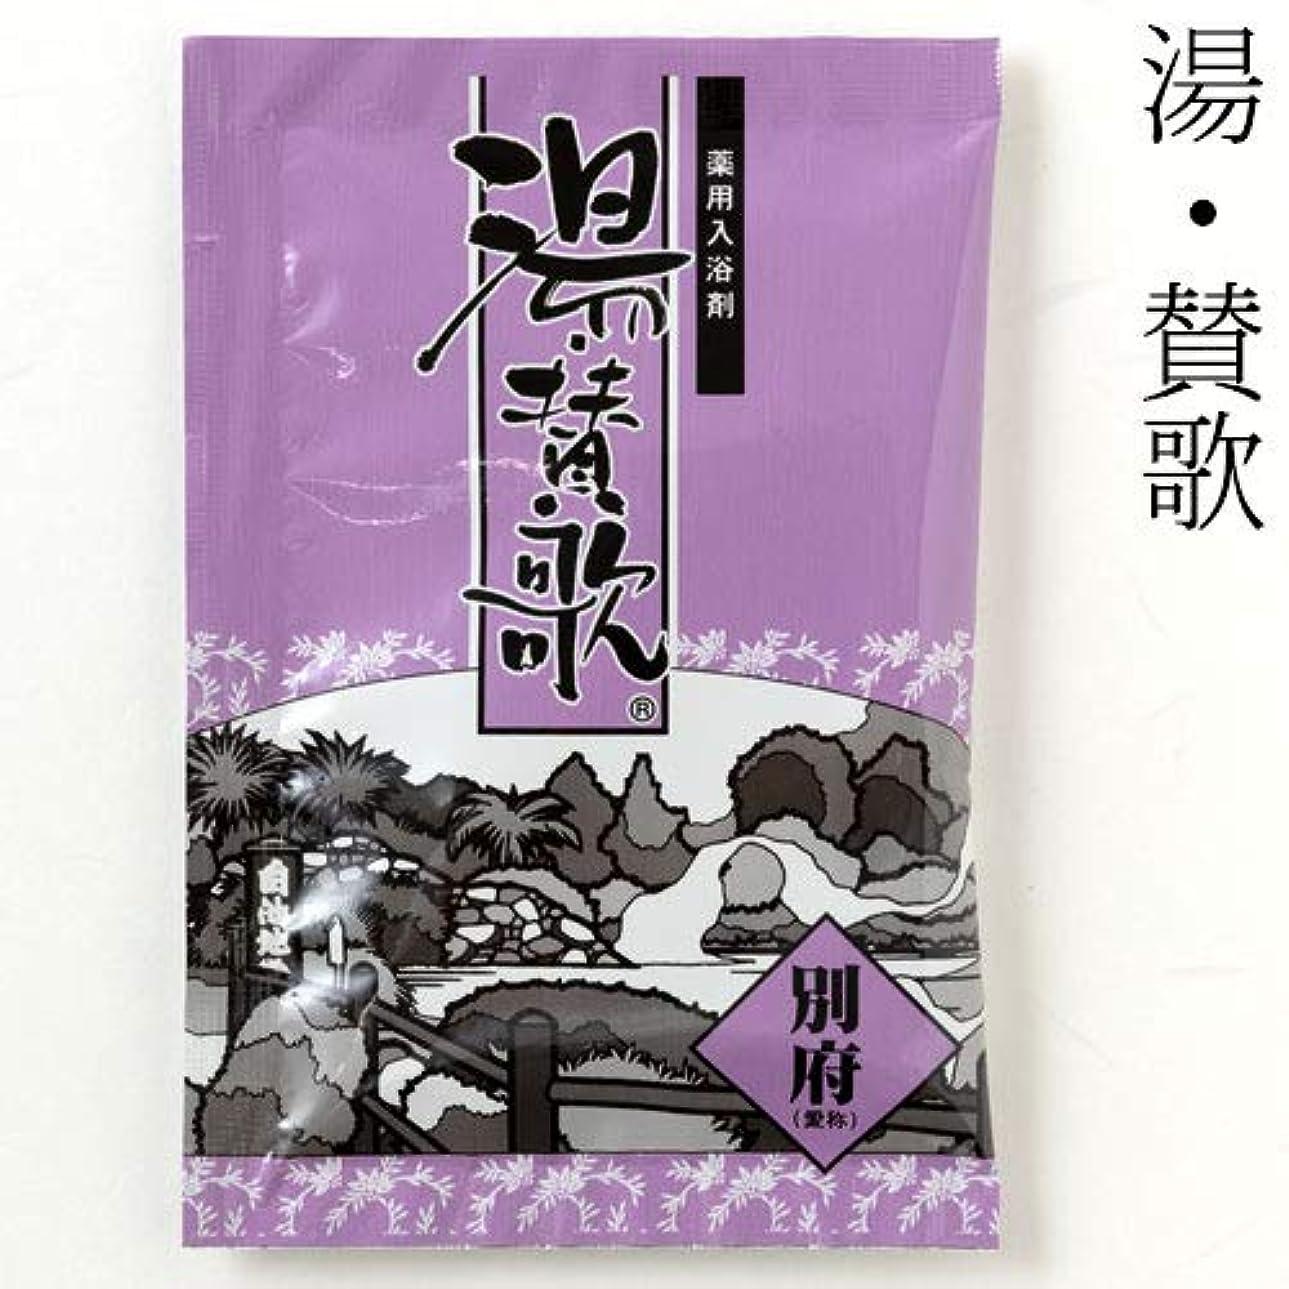 モンゴメリー交通全部入浴剤湯?賛歌別府1包石川県のお風呂グッズBath additive, Ishikawa craft